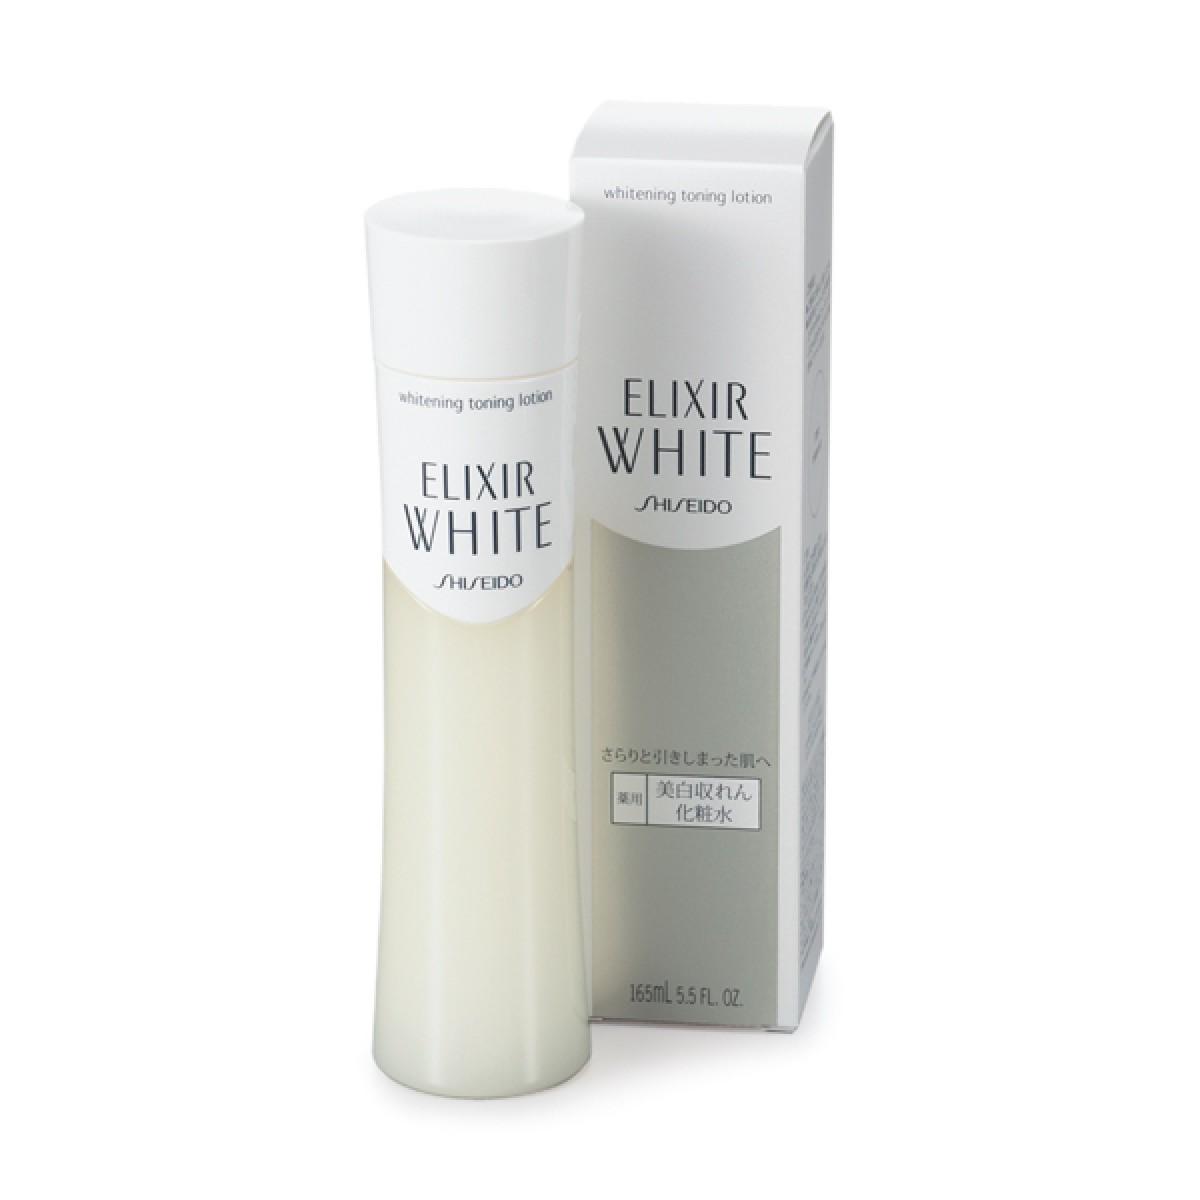 bo-my-pham-shiseido-elixir-white-set-4-mon-mau-moi-2017